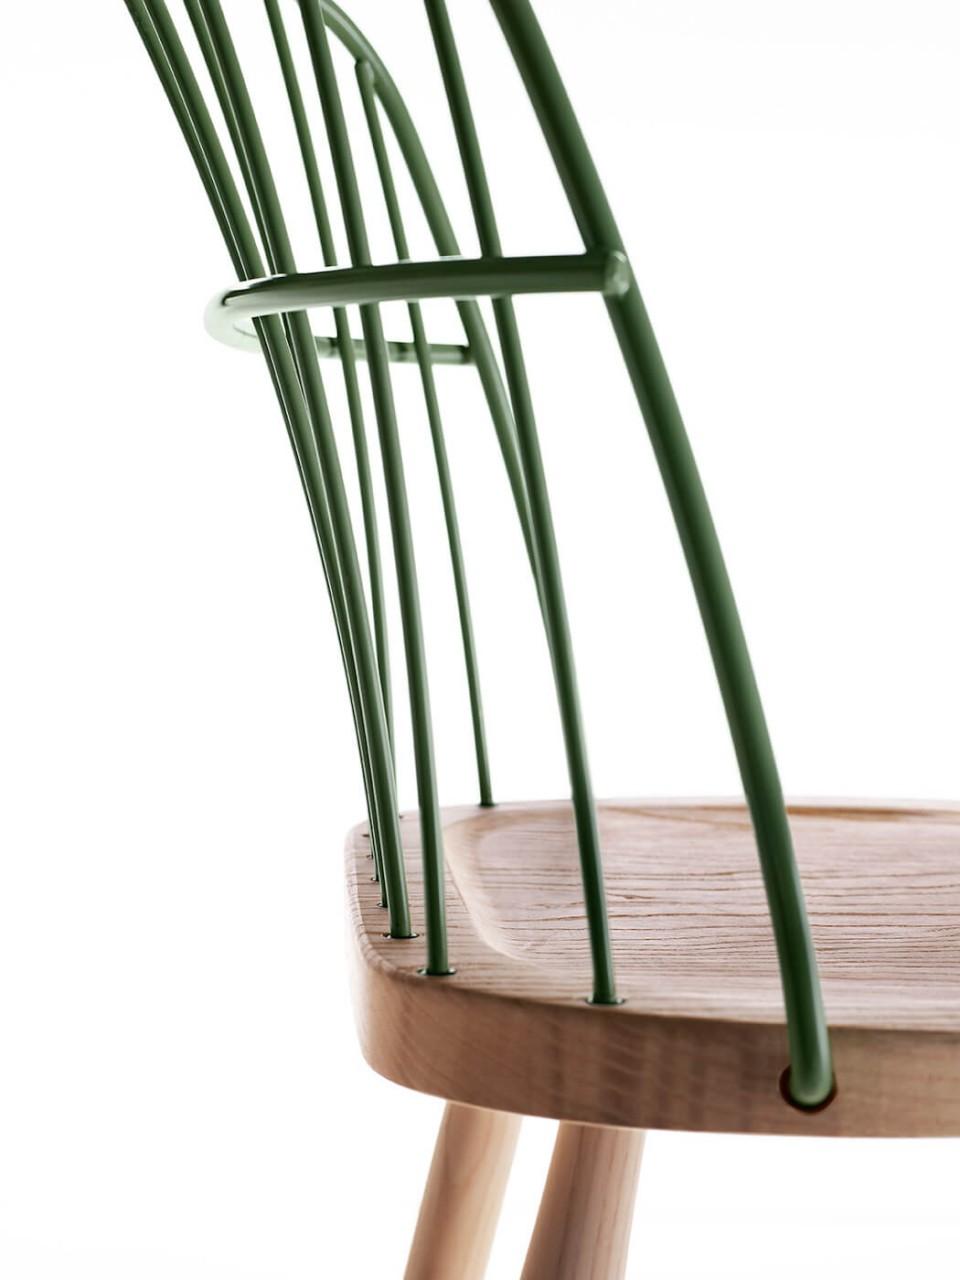 Strike chair back detail in green painted metal